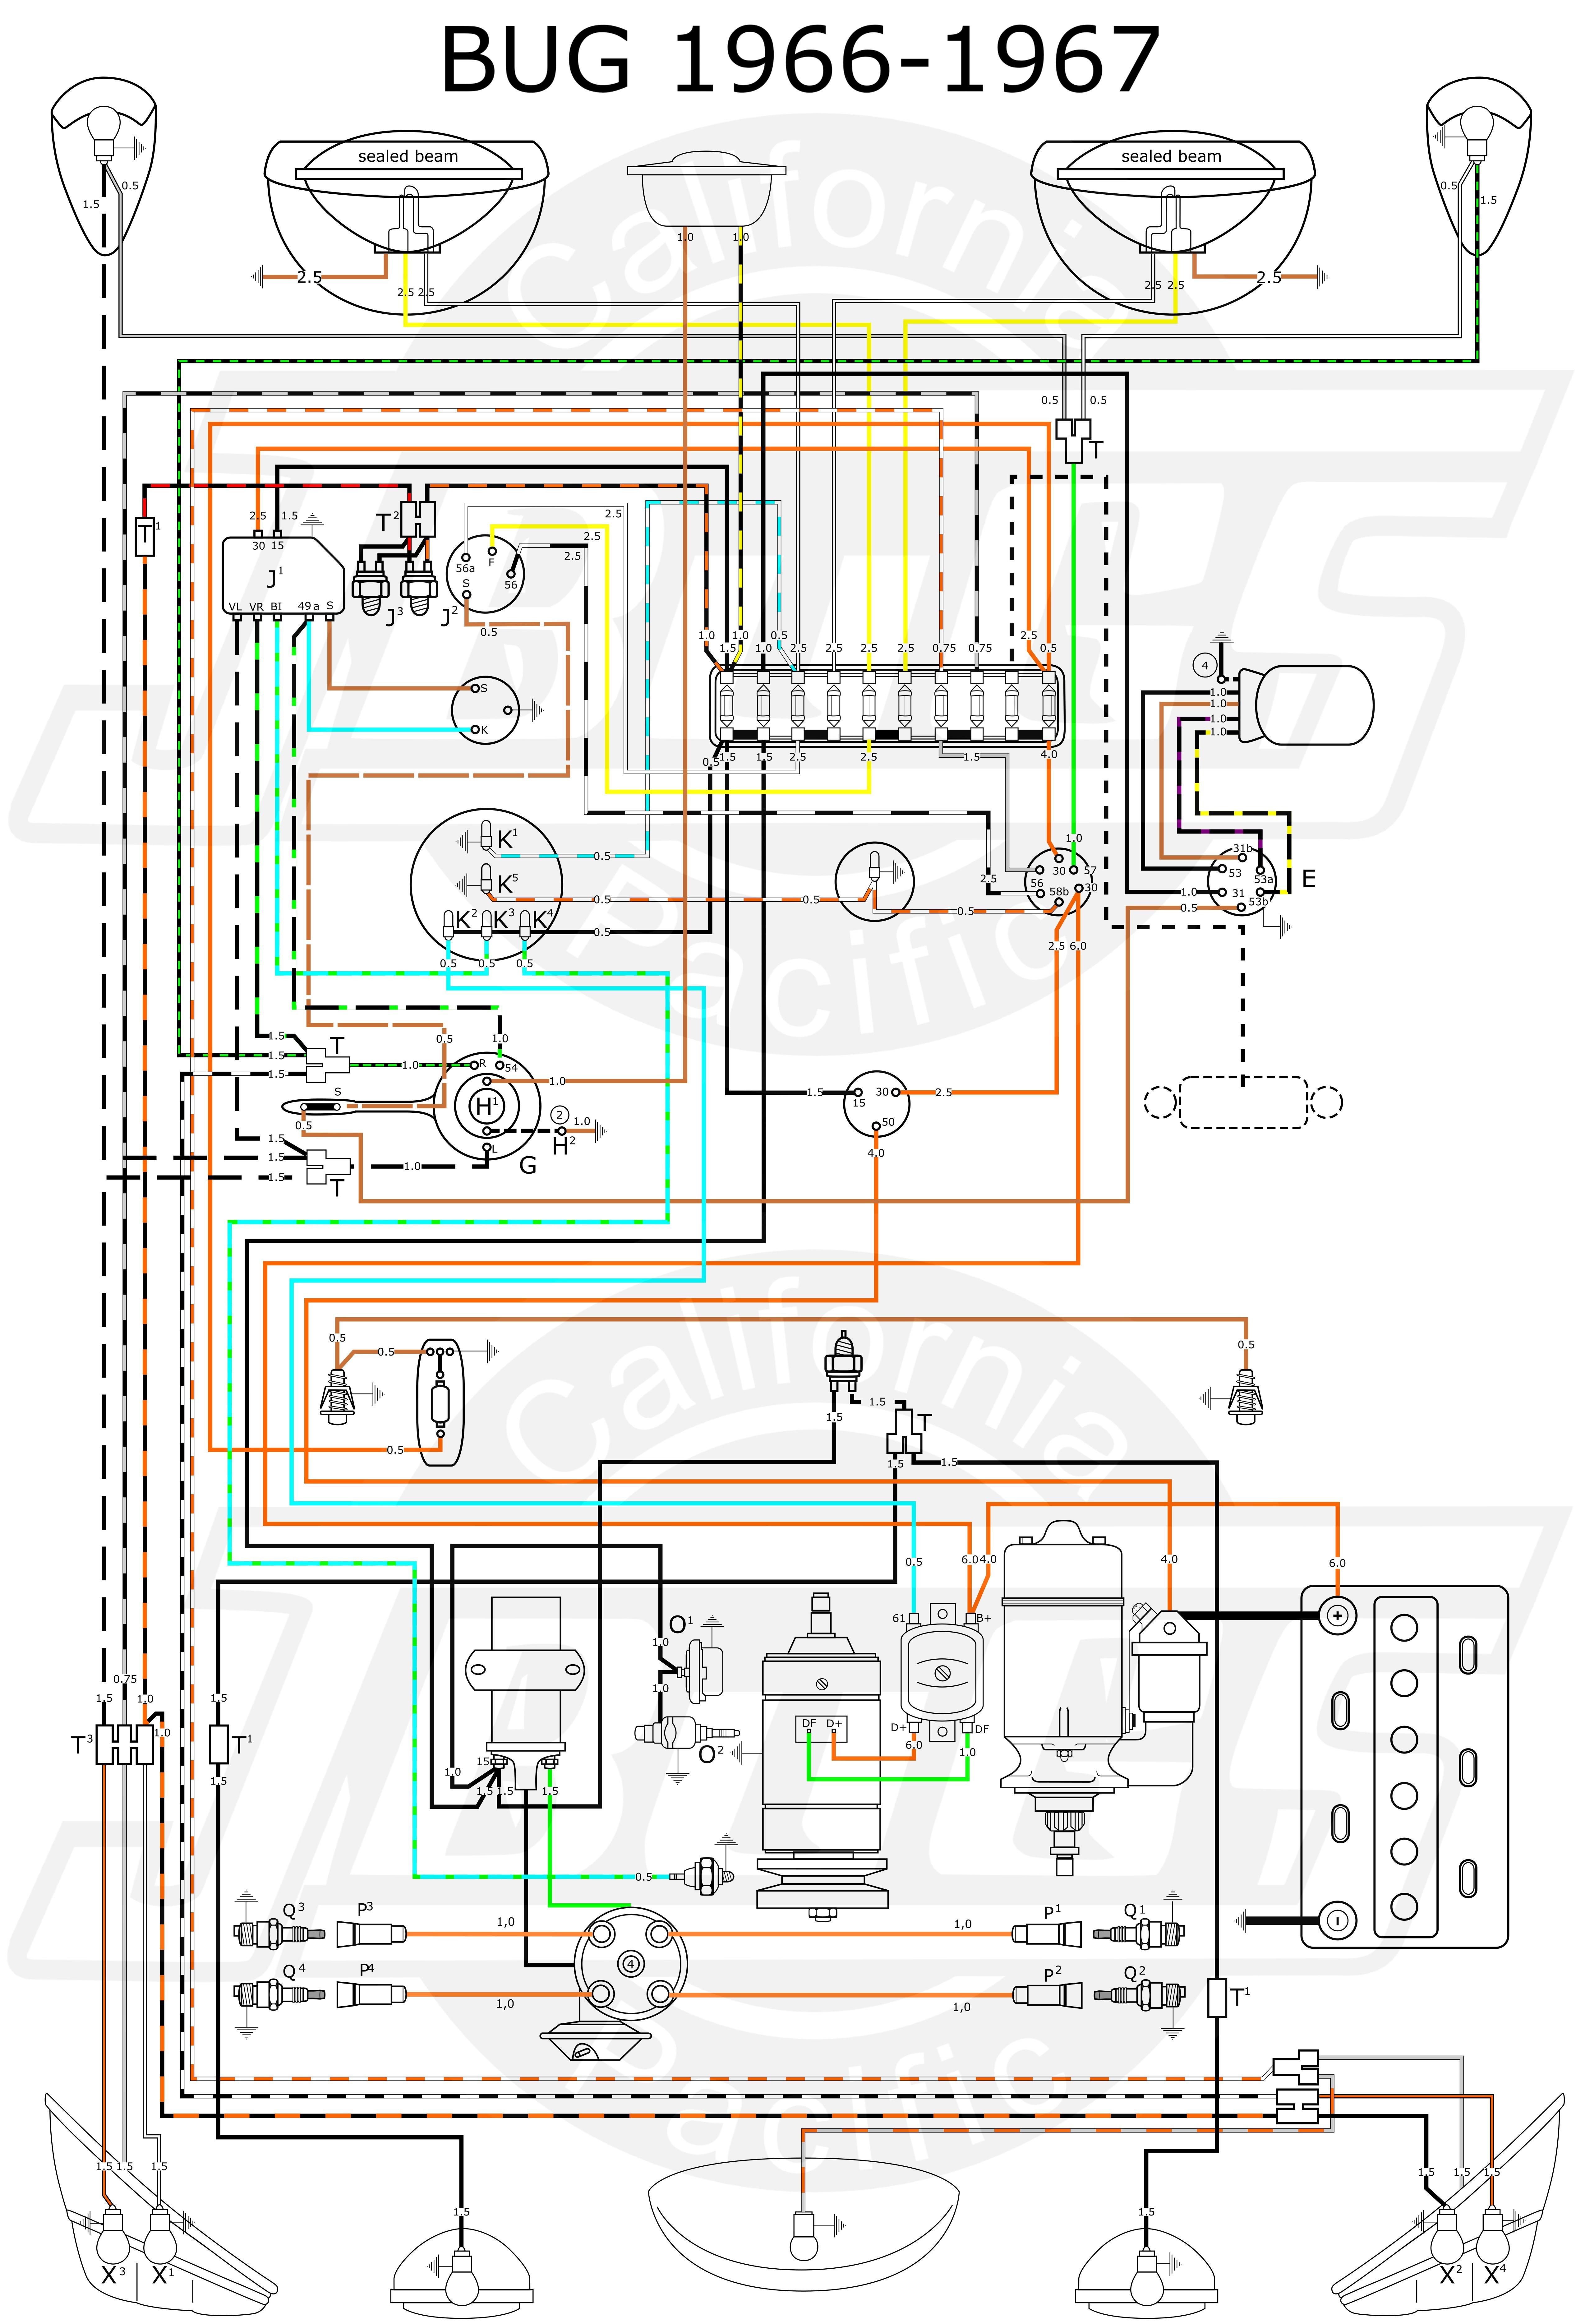 1999 Vw Beetle Engine Diagram My Wiring DIagram